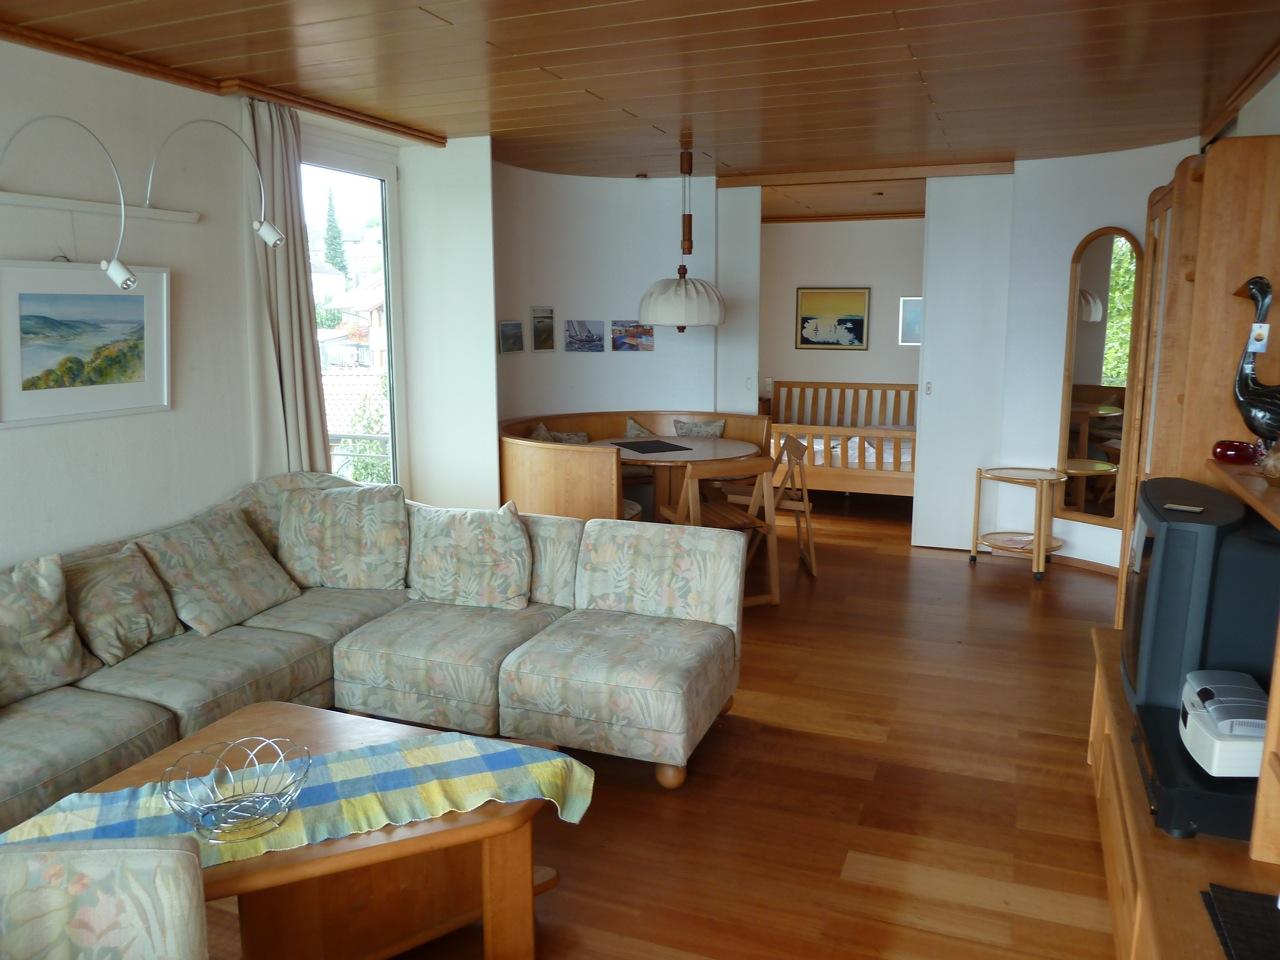 Wohnzimmer3.jpg